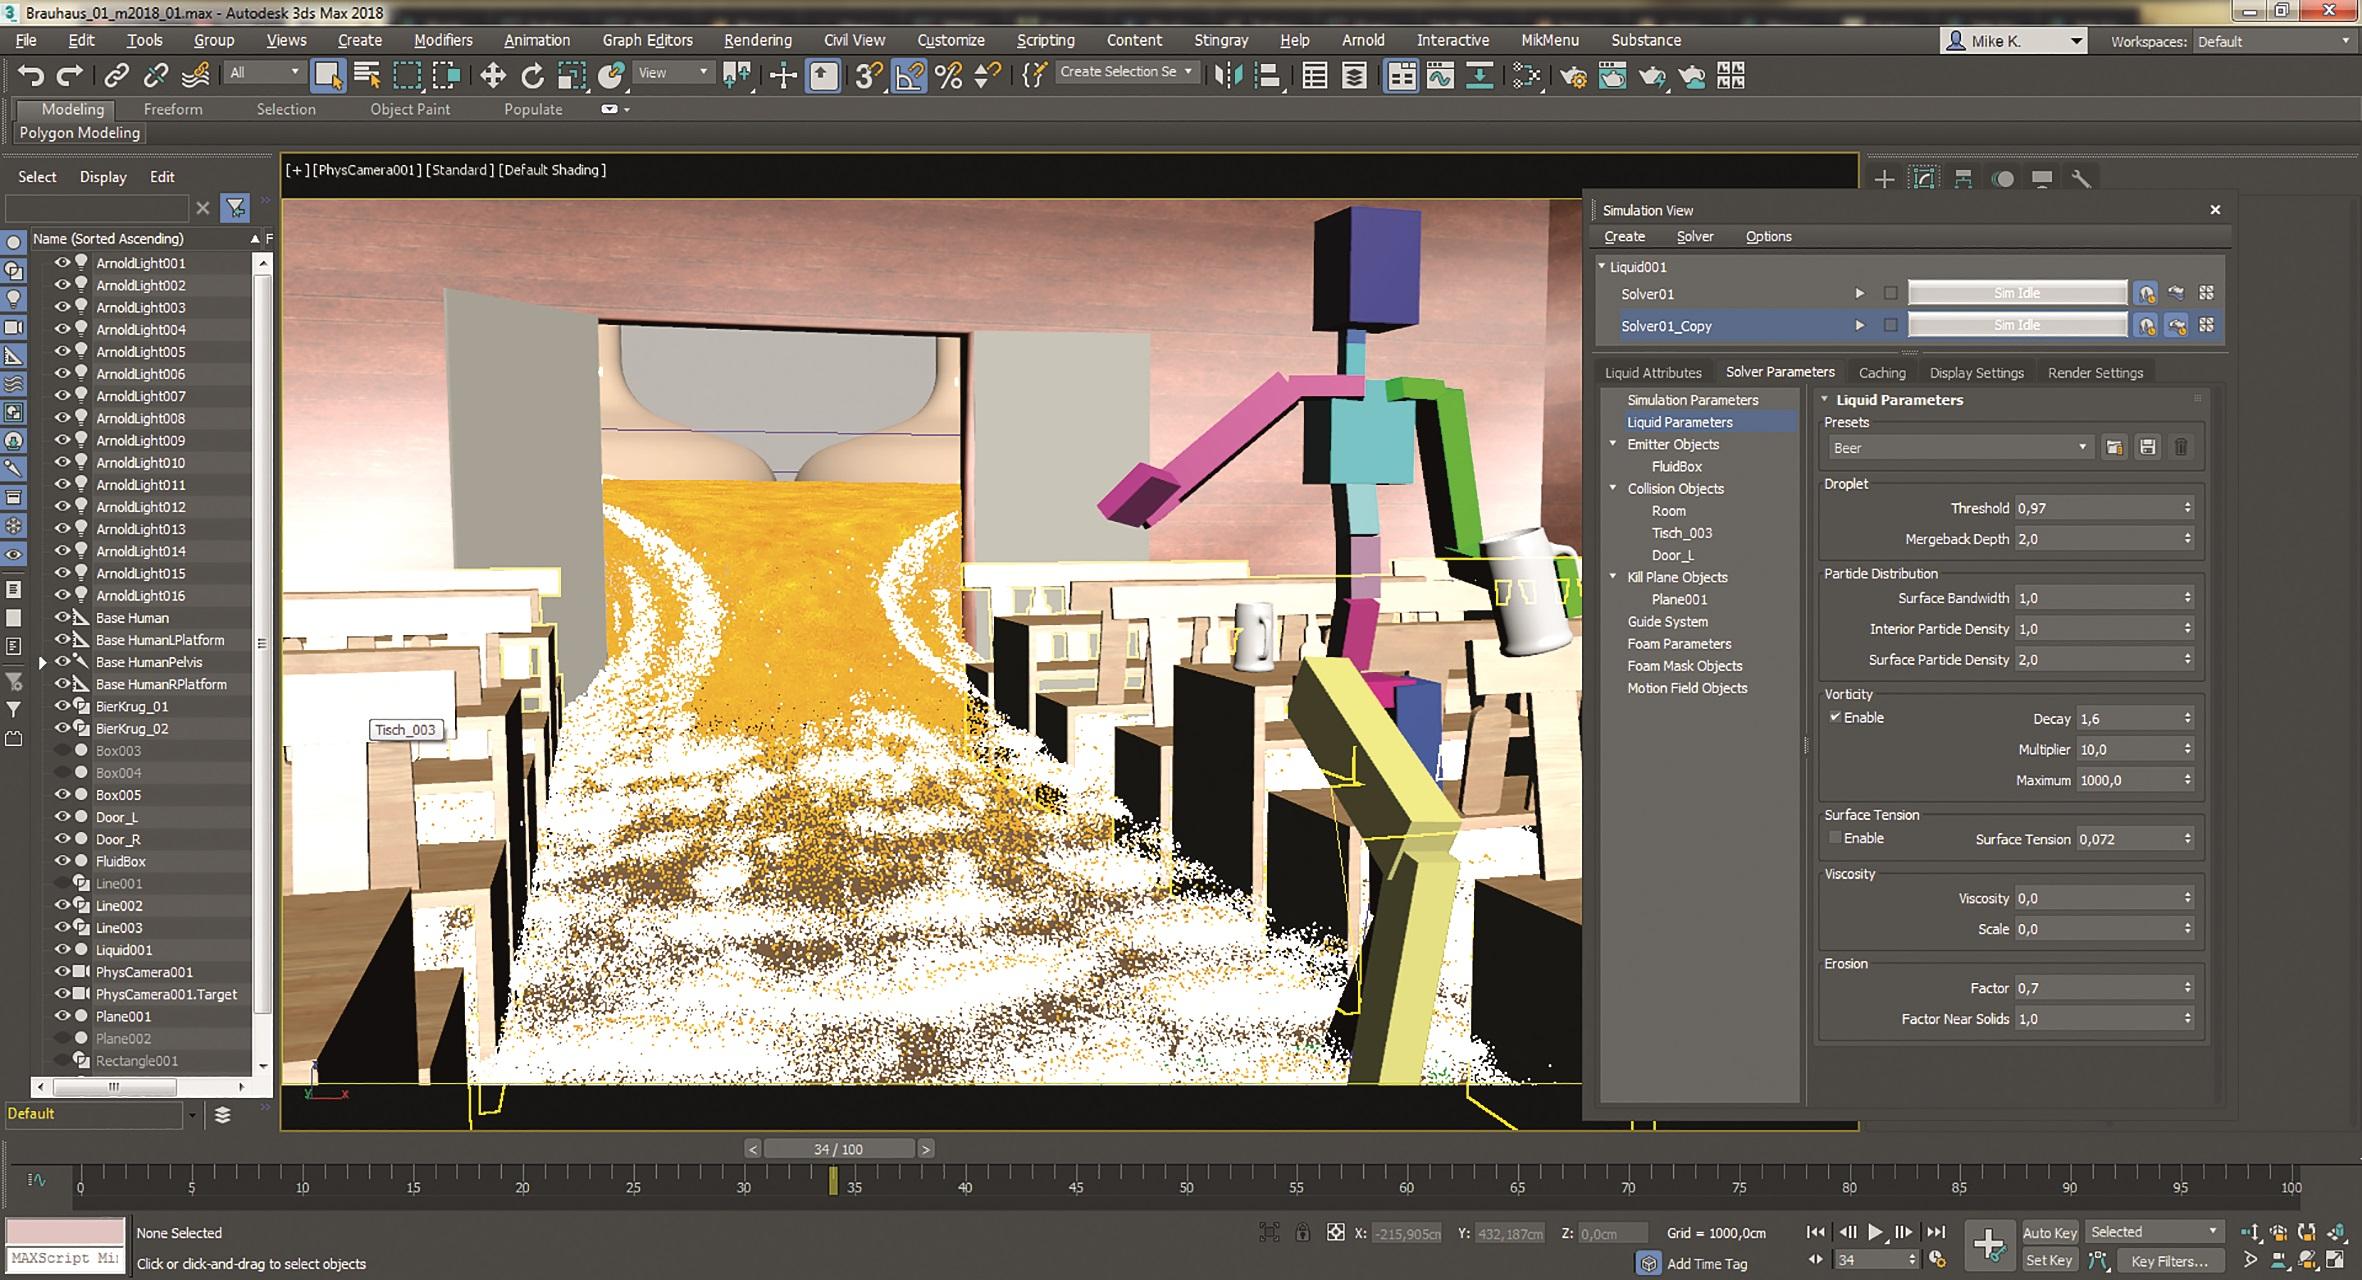 Die ersten Simulationen zeigen schon im Ansichtsfenster, wie das finale Resultat aussehen könnte.